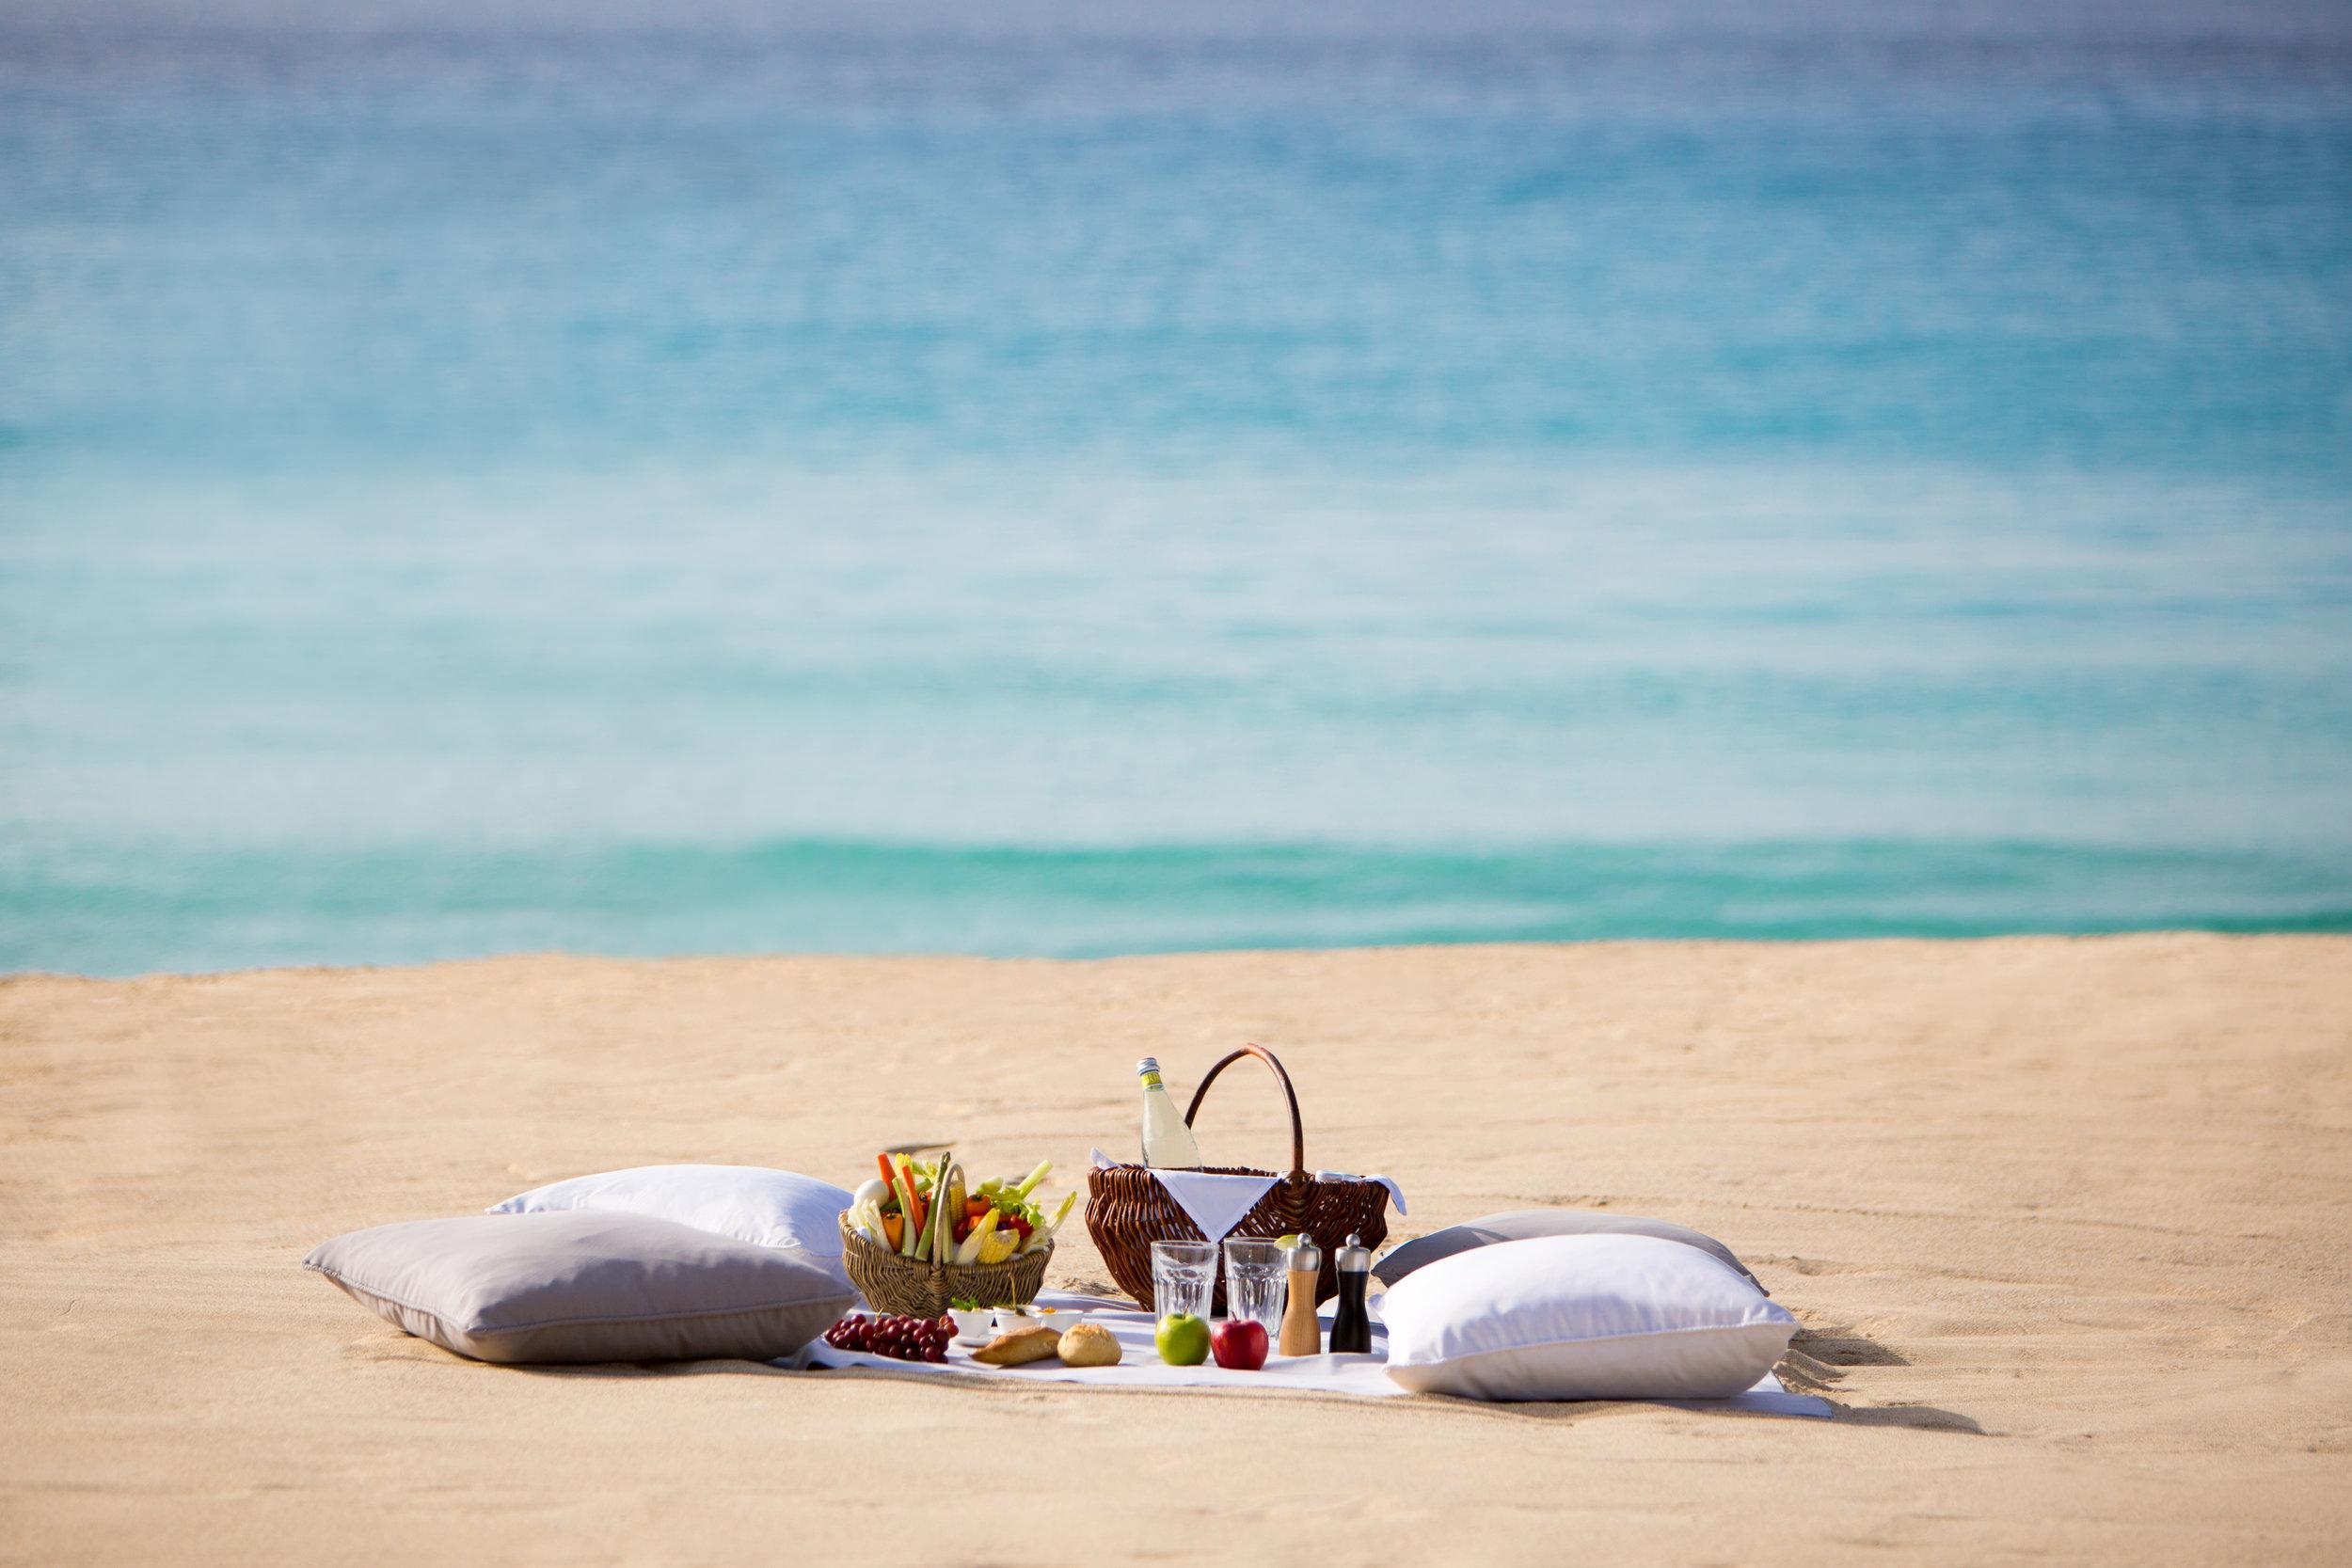 03-06-culinary-experience-on-the-beach-p-carreau.jpg